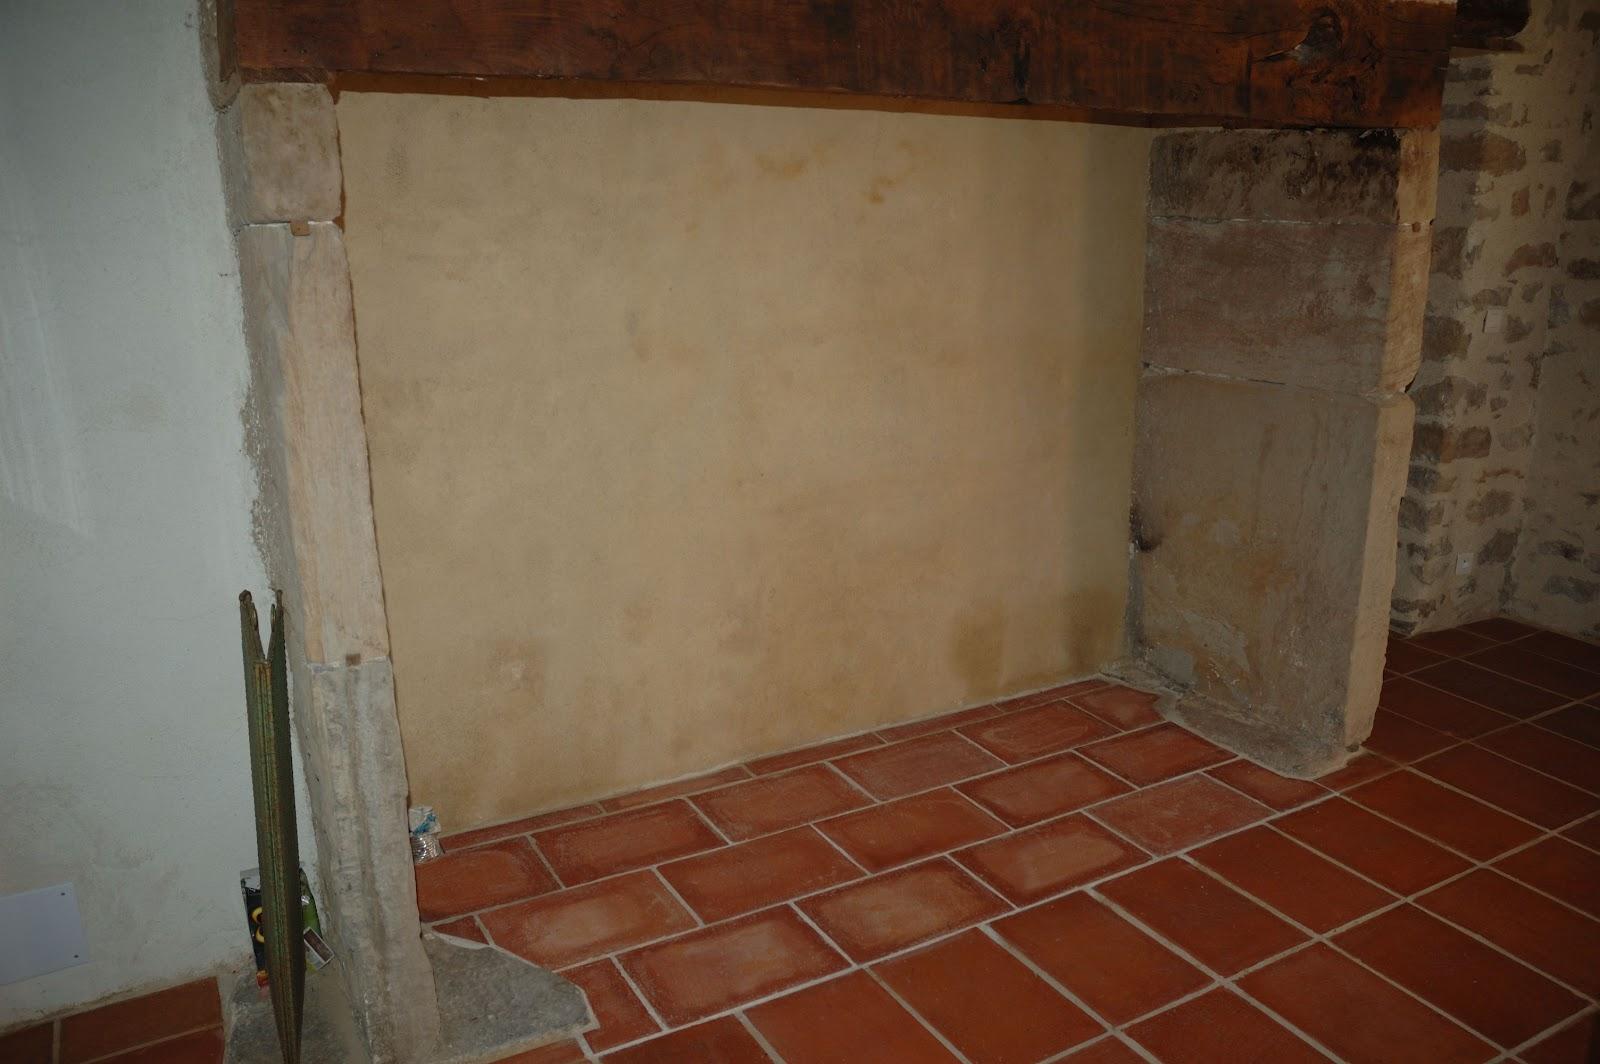 La maison d 39 apr s bestiole - Nettoyage carrelage apres pose vinaigre ...